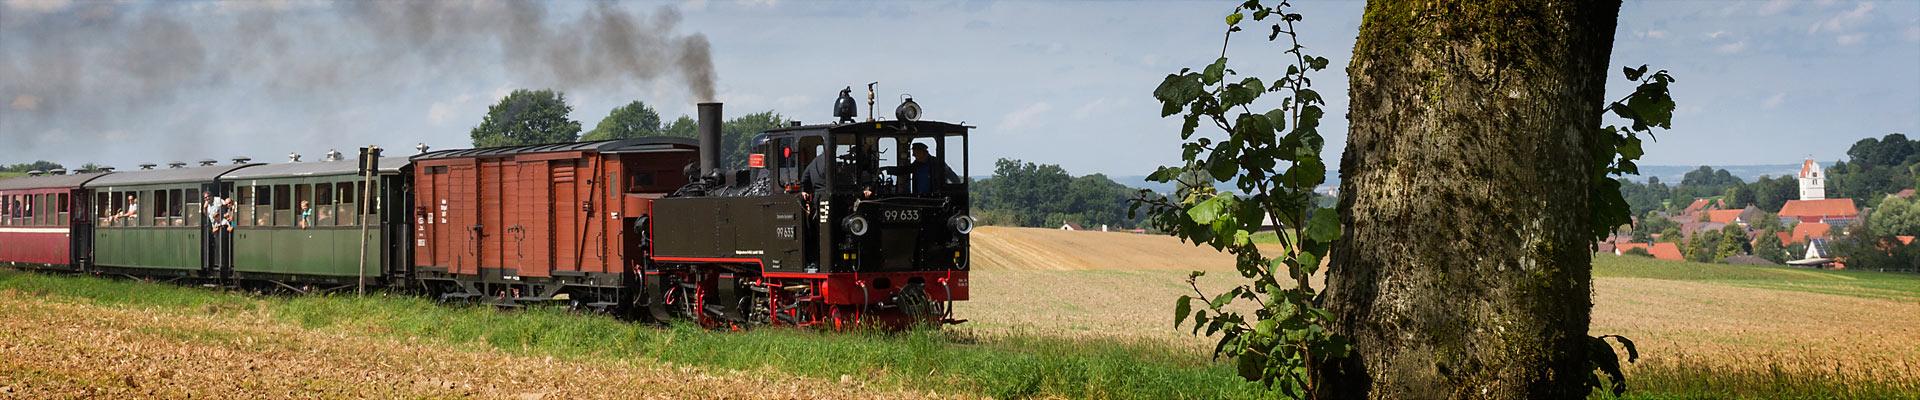 slider3-1920×400